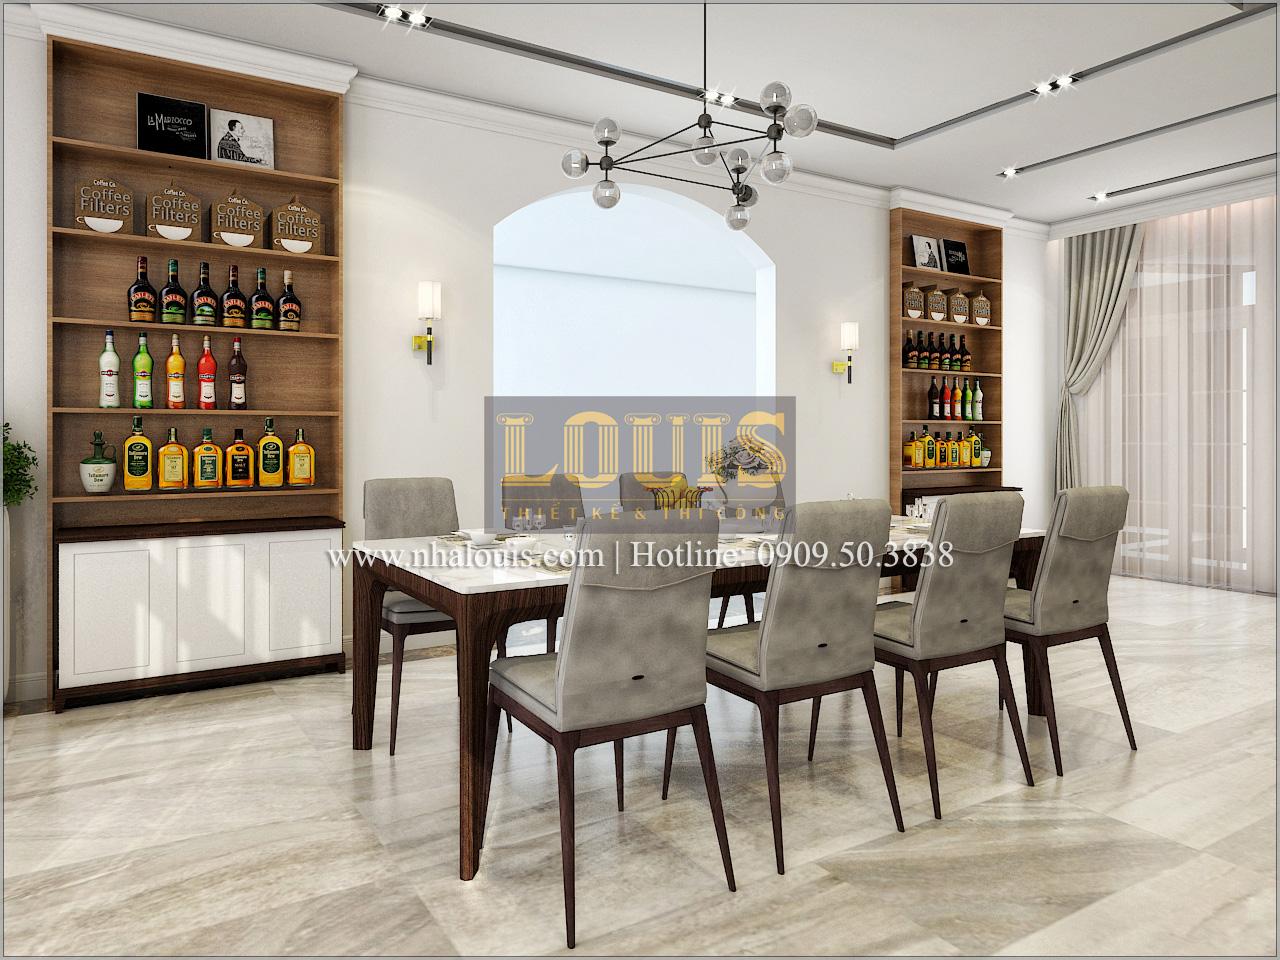 Thiết kế biệt thự cổ điển kết hợp kinh doanh tại Đồng Nai diễm lệ và kiêu sa - 14